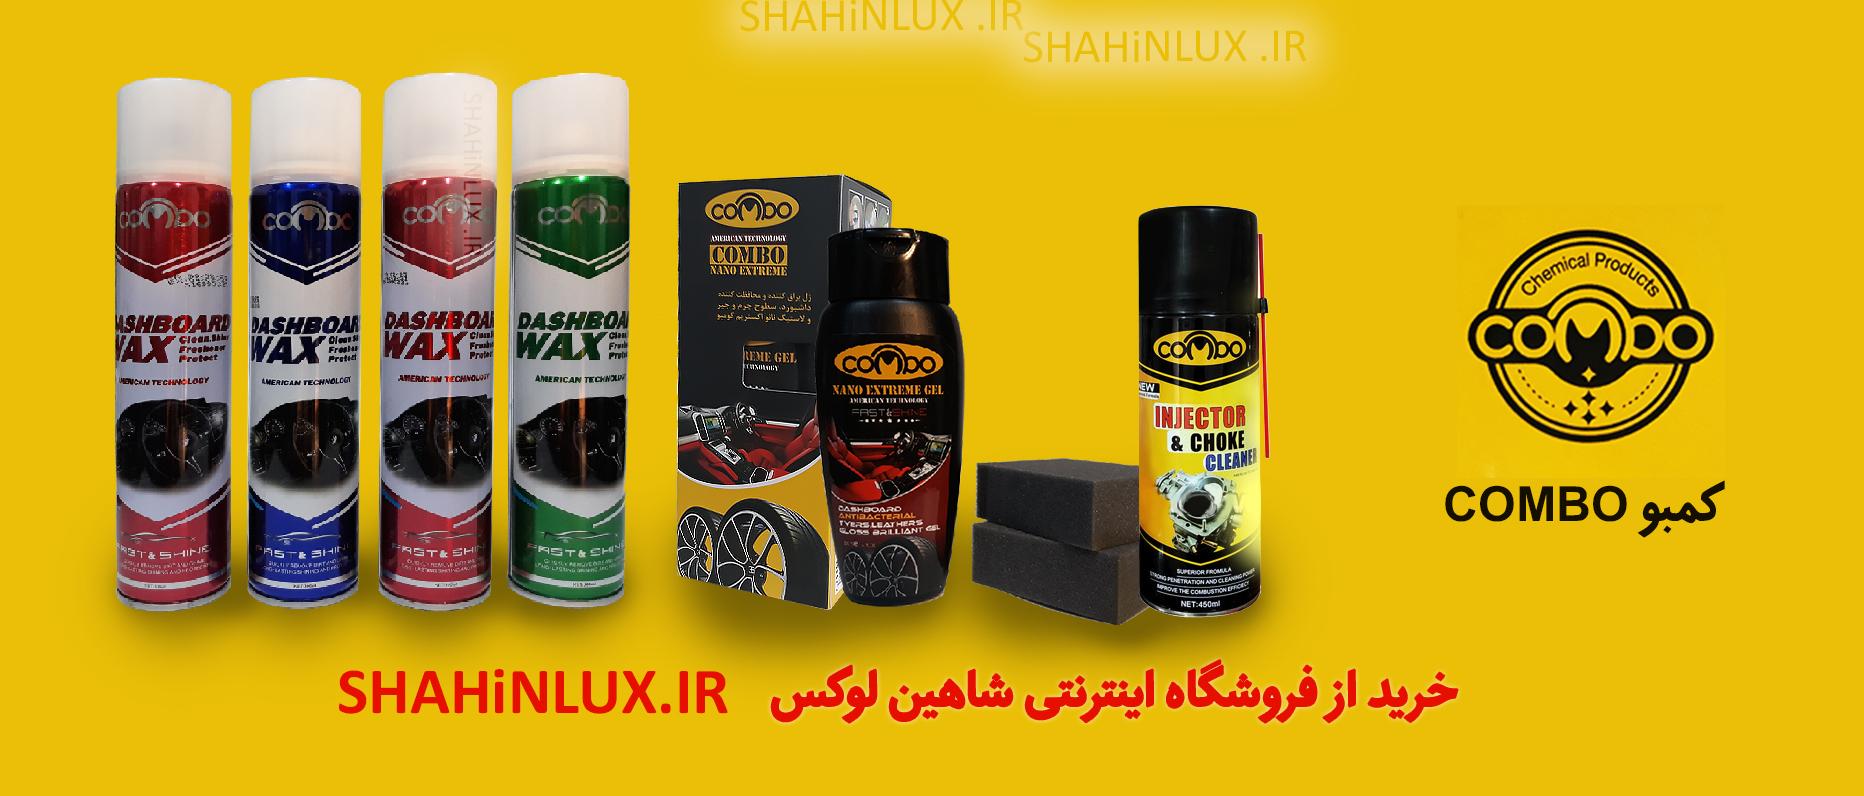 خرید محصولات اسپری کمبو combo